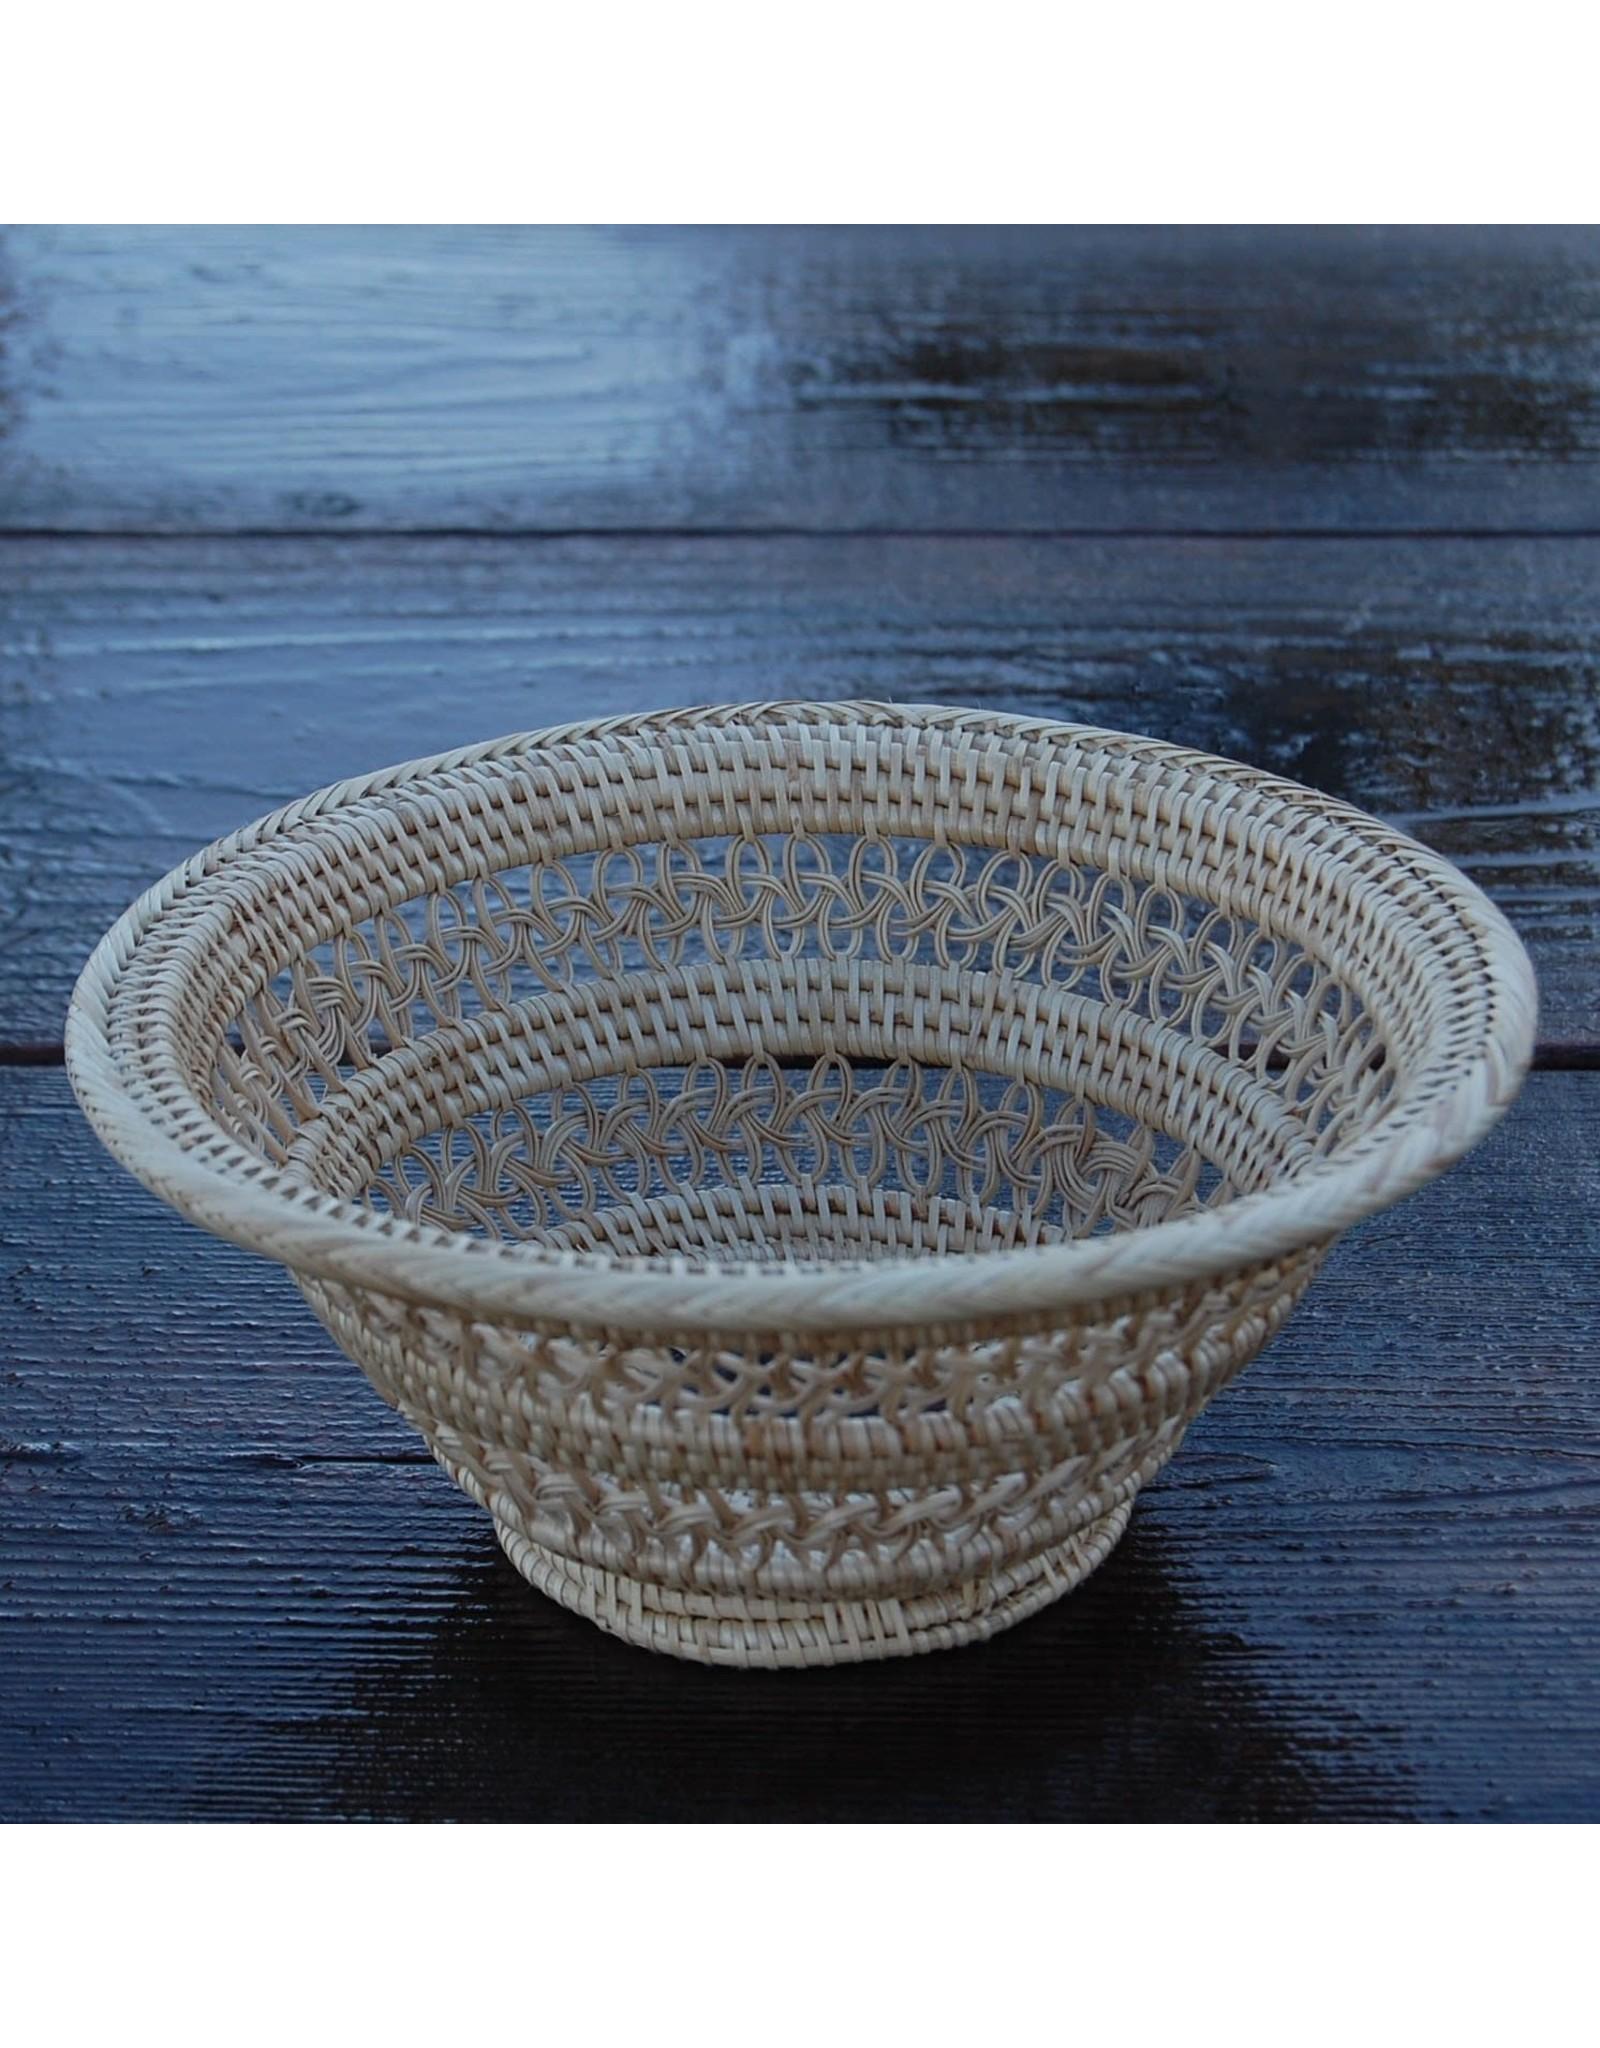 Mini Round Artisan Bowl w/ Wood Center, Cambodia